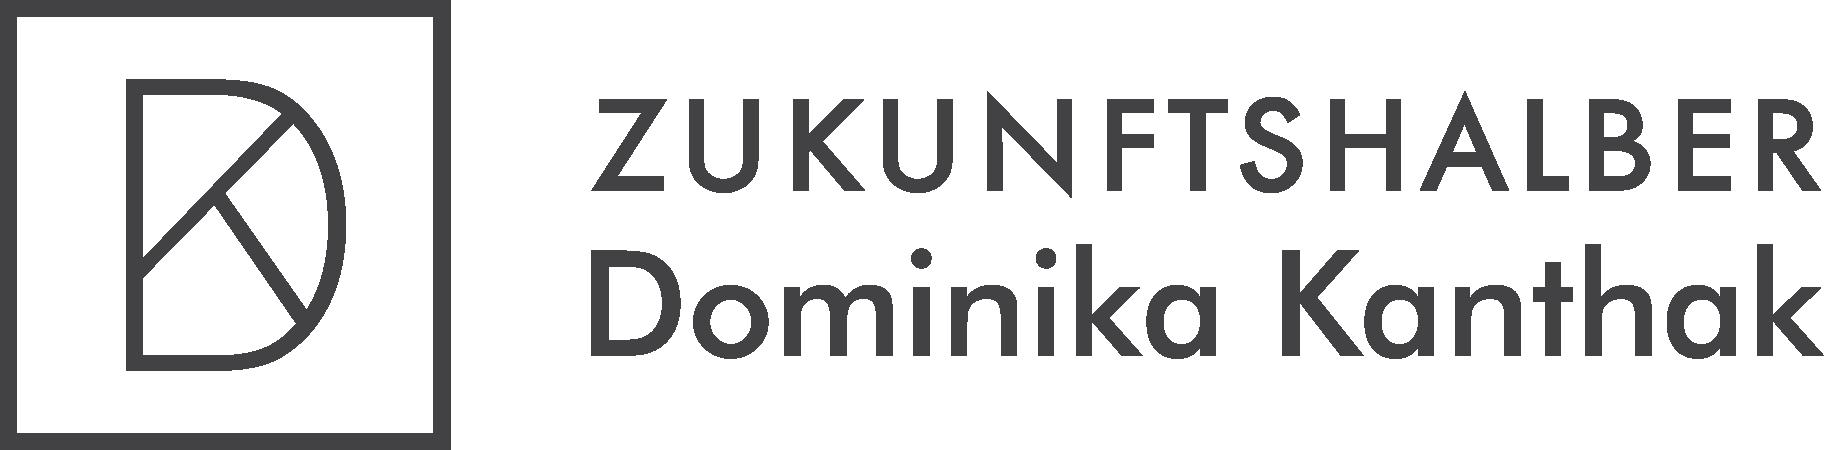 ZUKUNFTSHALBER